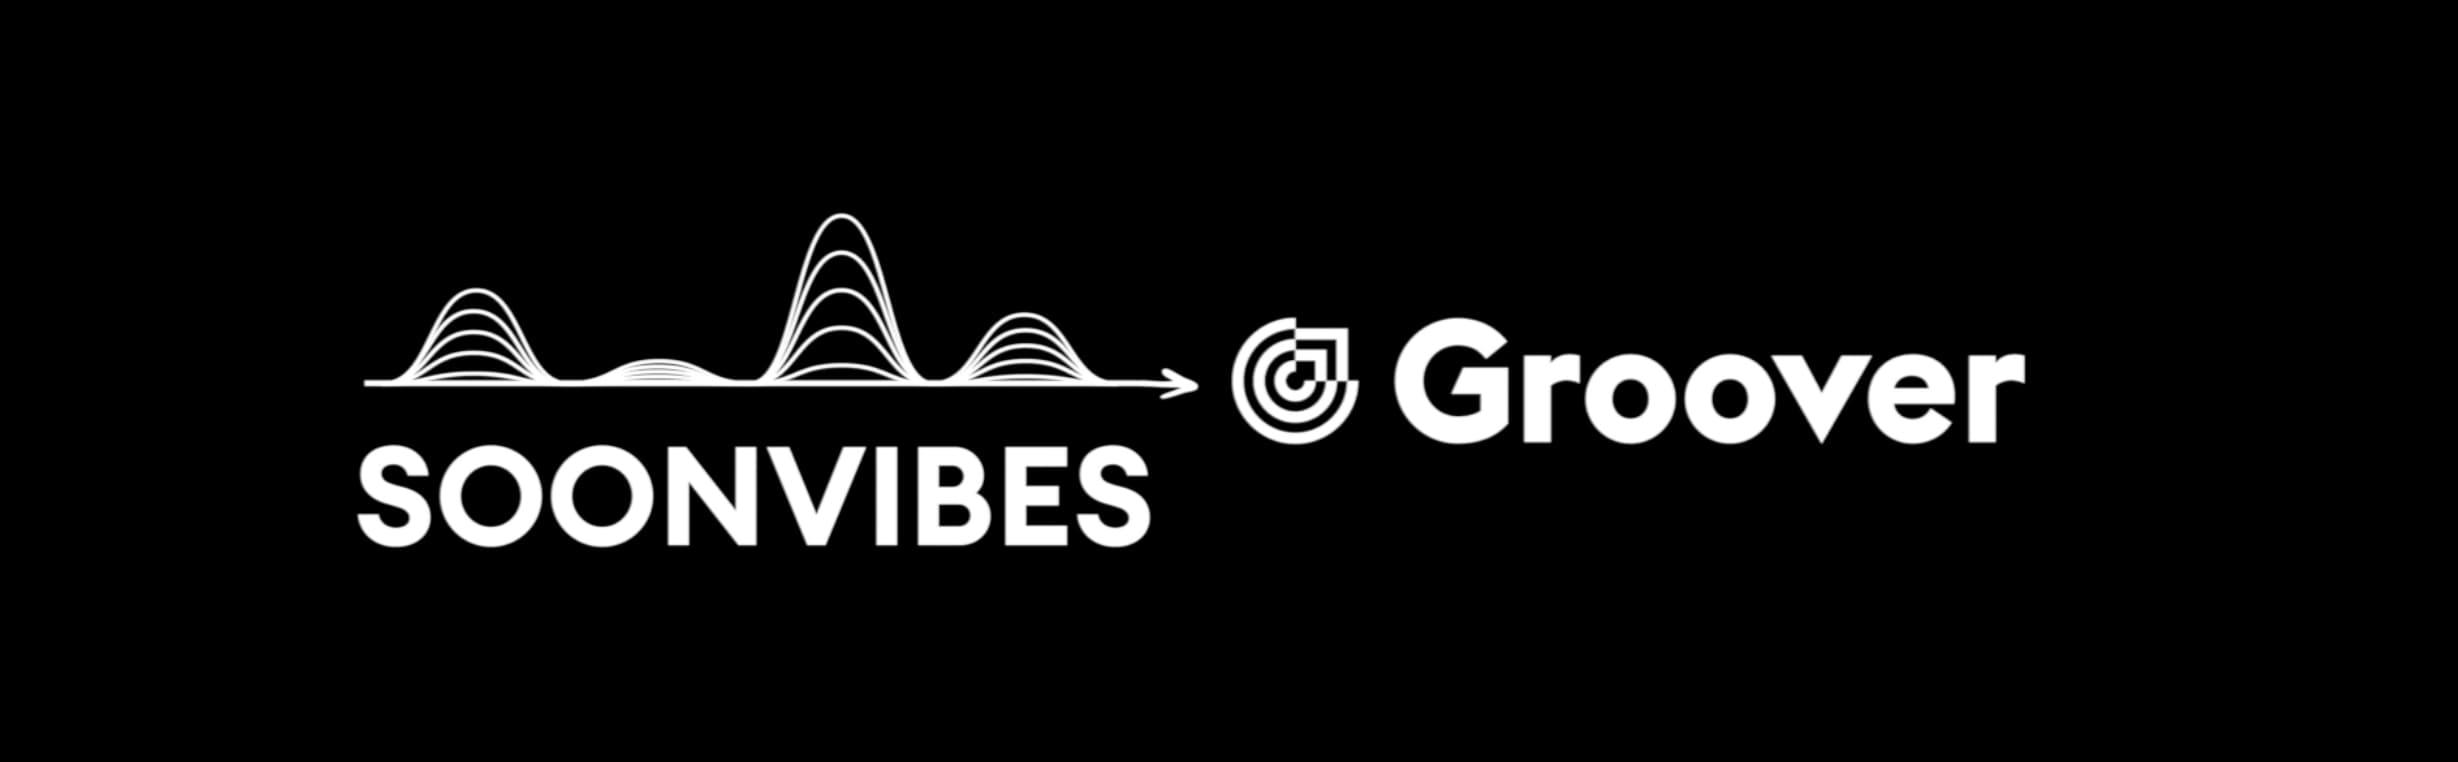 C'est officiel au 31 mars 2021, Groover fait l'acquisition de Soonvibes et accélère dans les musiques électroniques